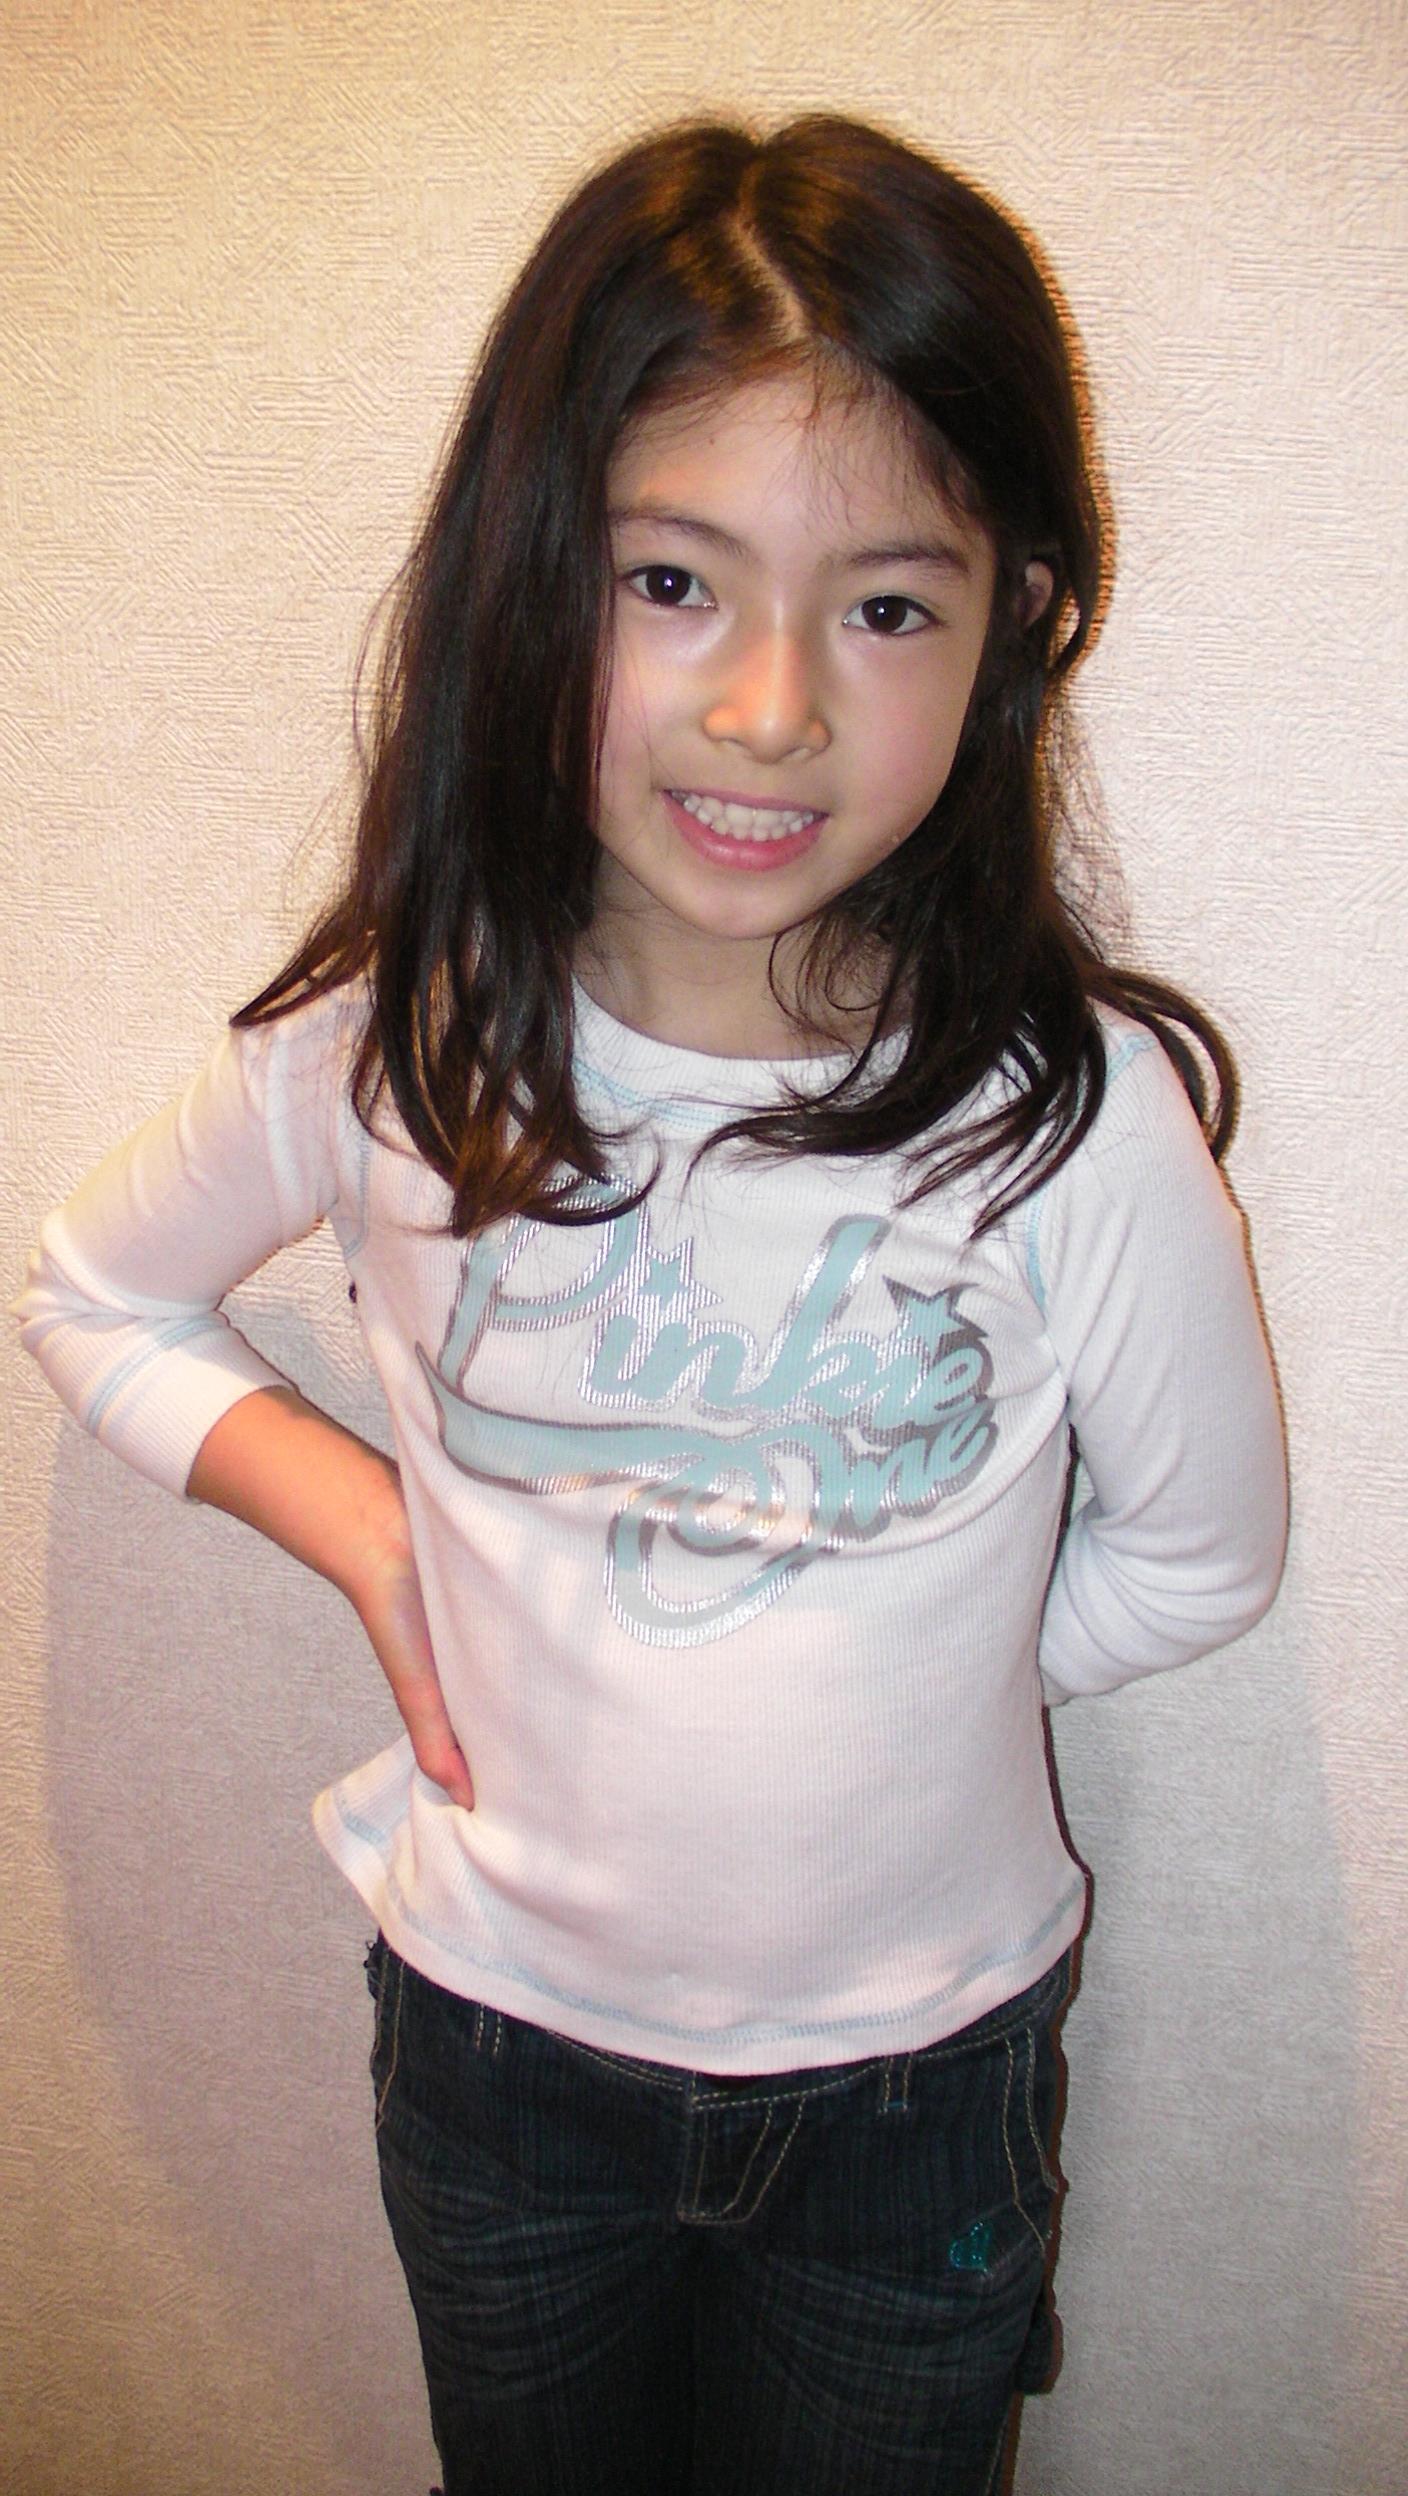 小学生 ショーパン 2008spring 339 みあ 050